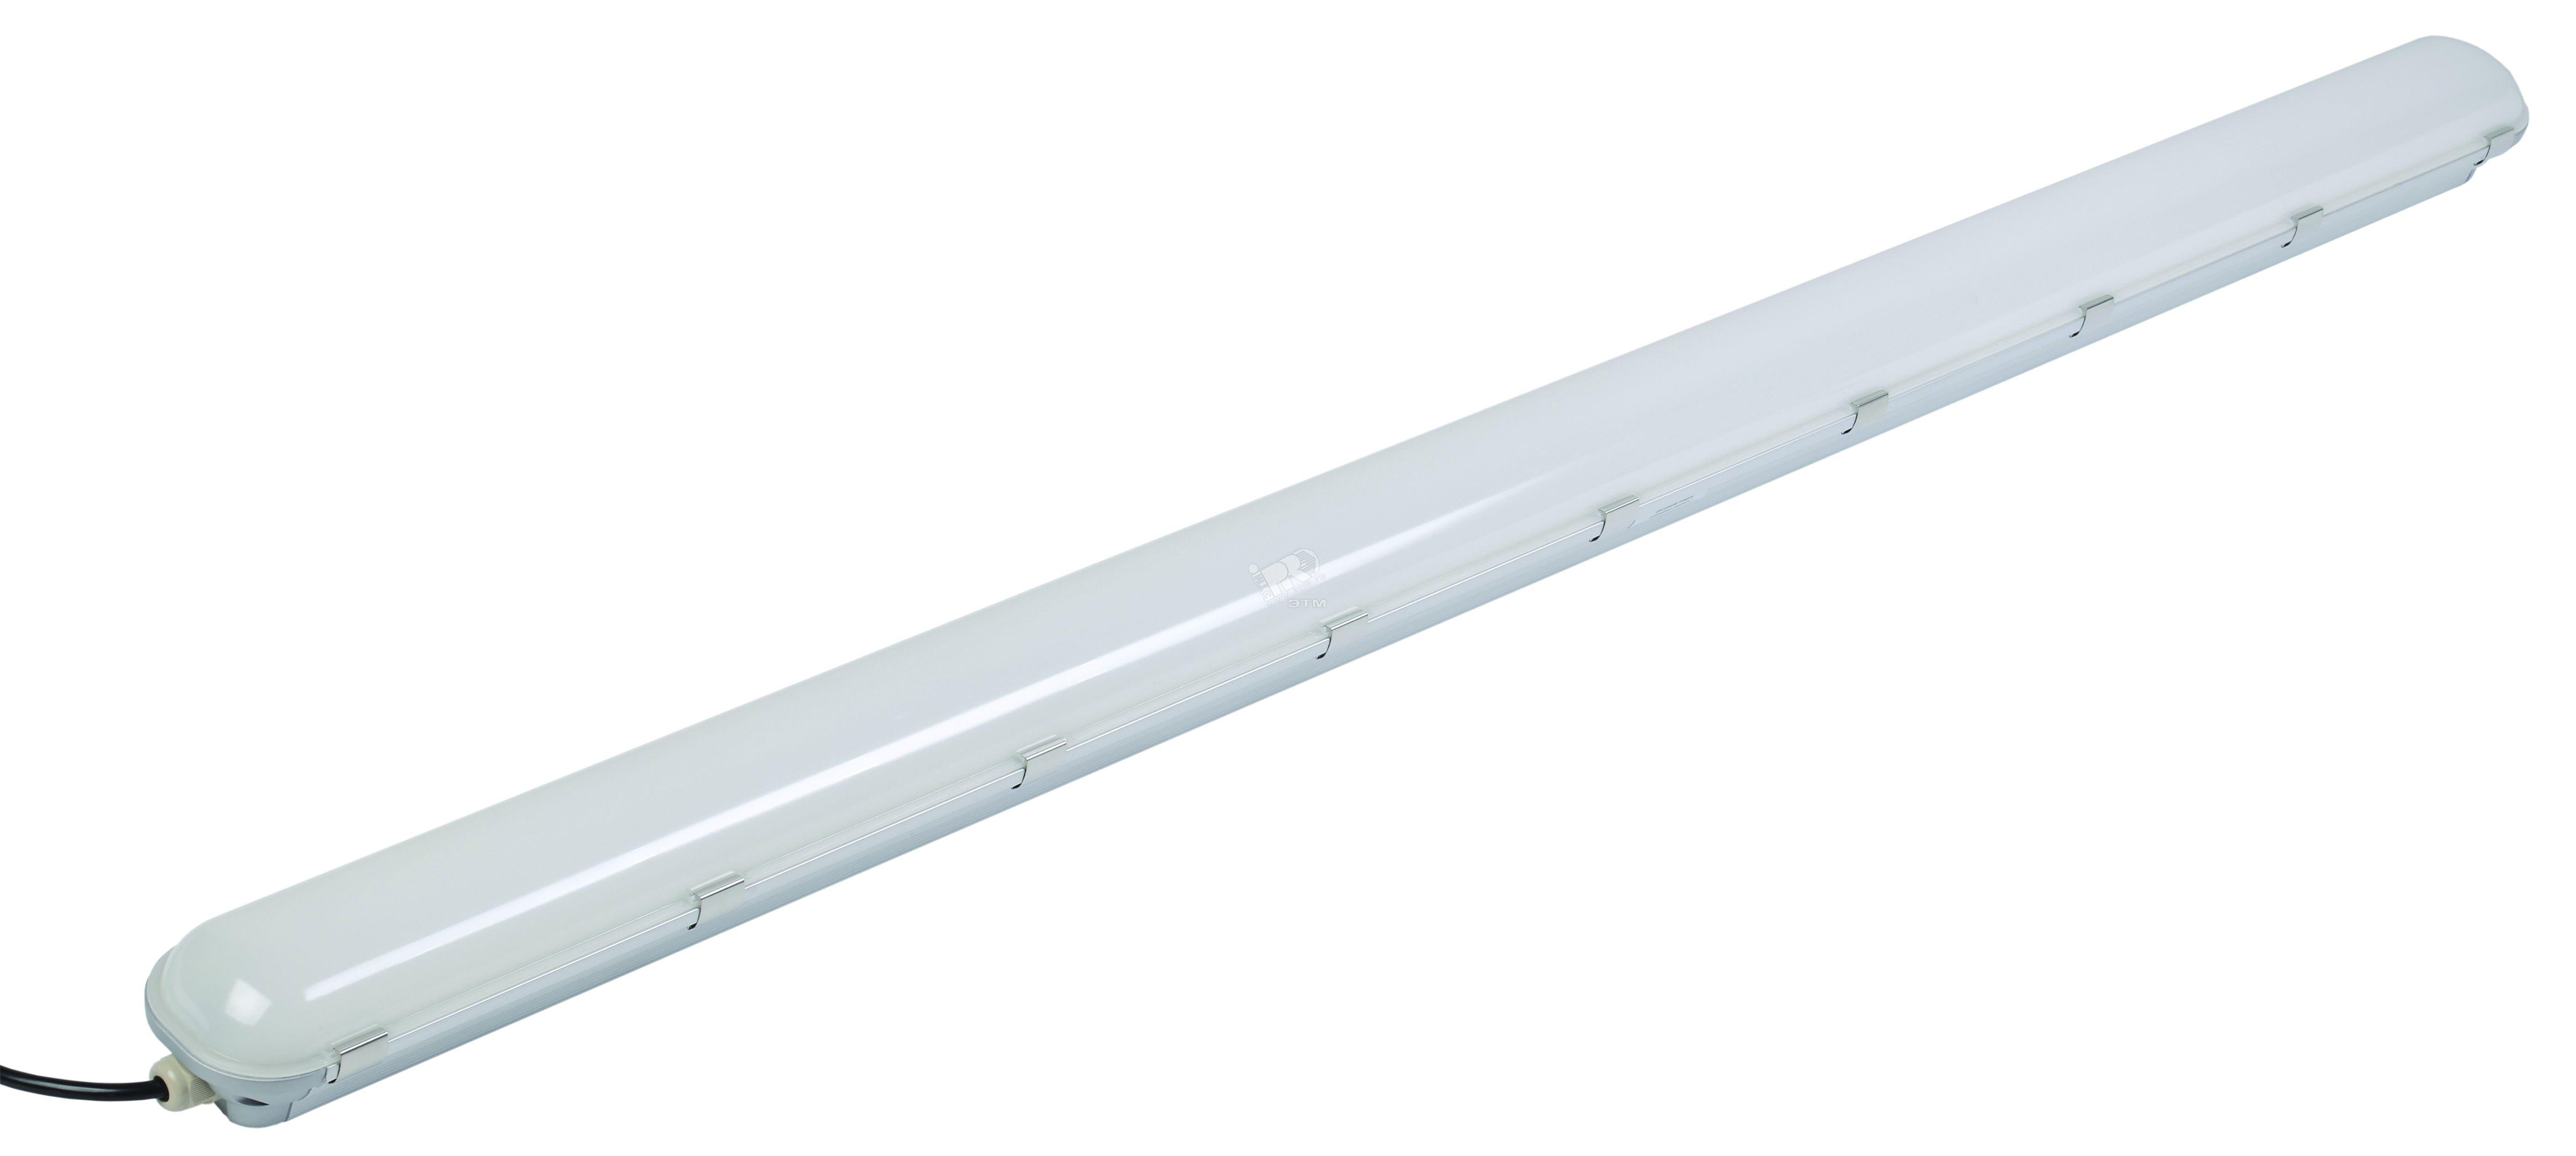 Светильник светодиодный ДСП-70вт 4500К 6500Лм алюминий IP65 (аналог ЛСП-2х58) LDSP2-1403-72-K23 IEK